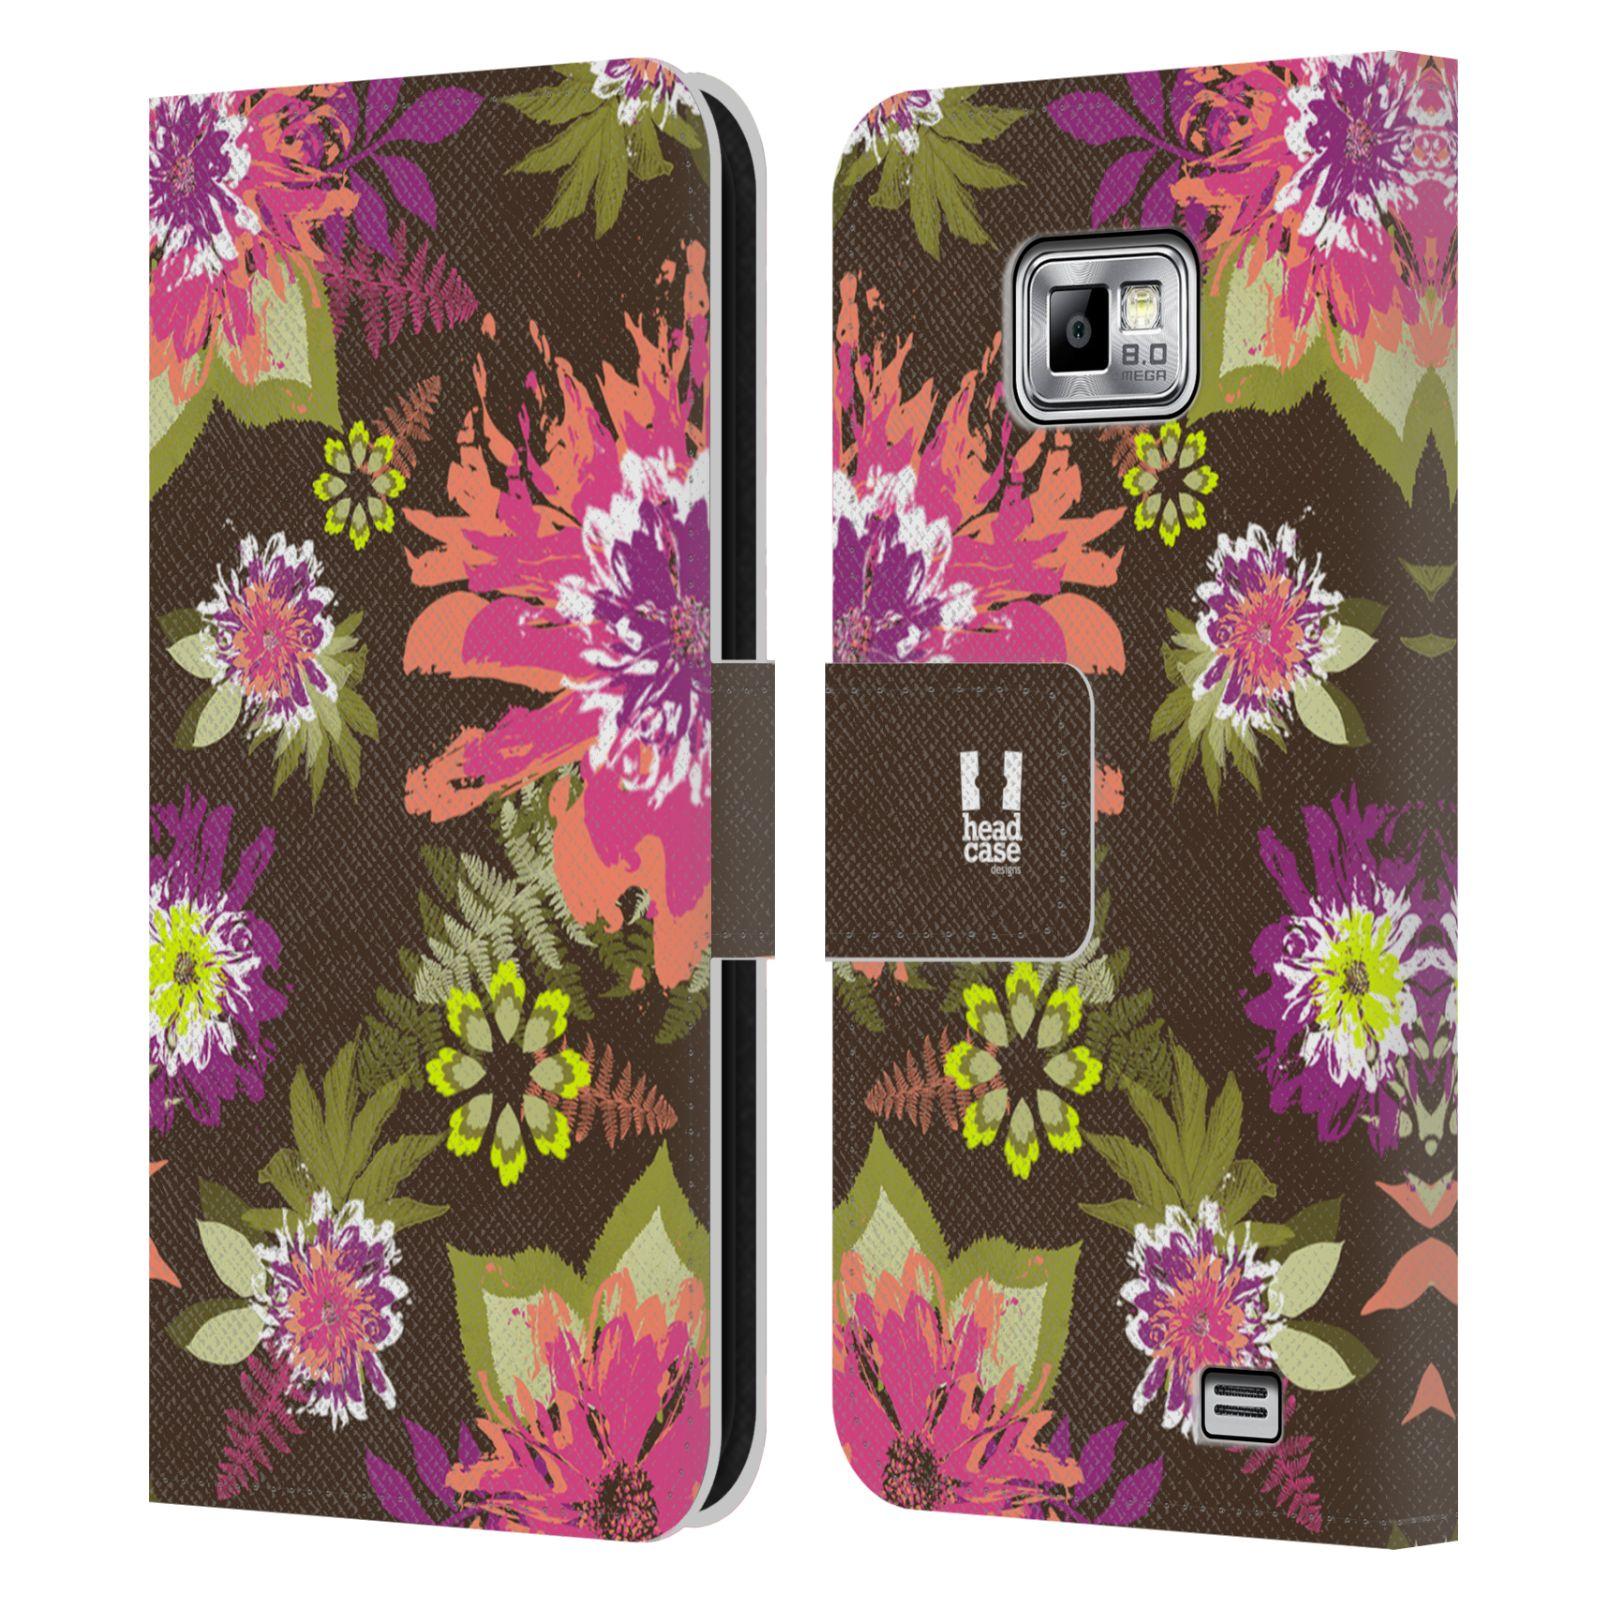 HEAD CASE Flipové pouzdro pro mobil Samsung Galaxy S2 i9100 BOTANIKA barevné květy zelená